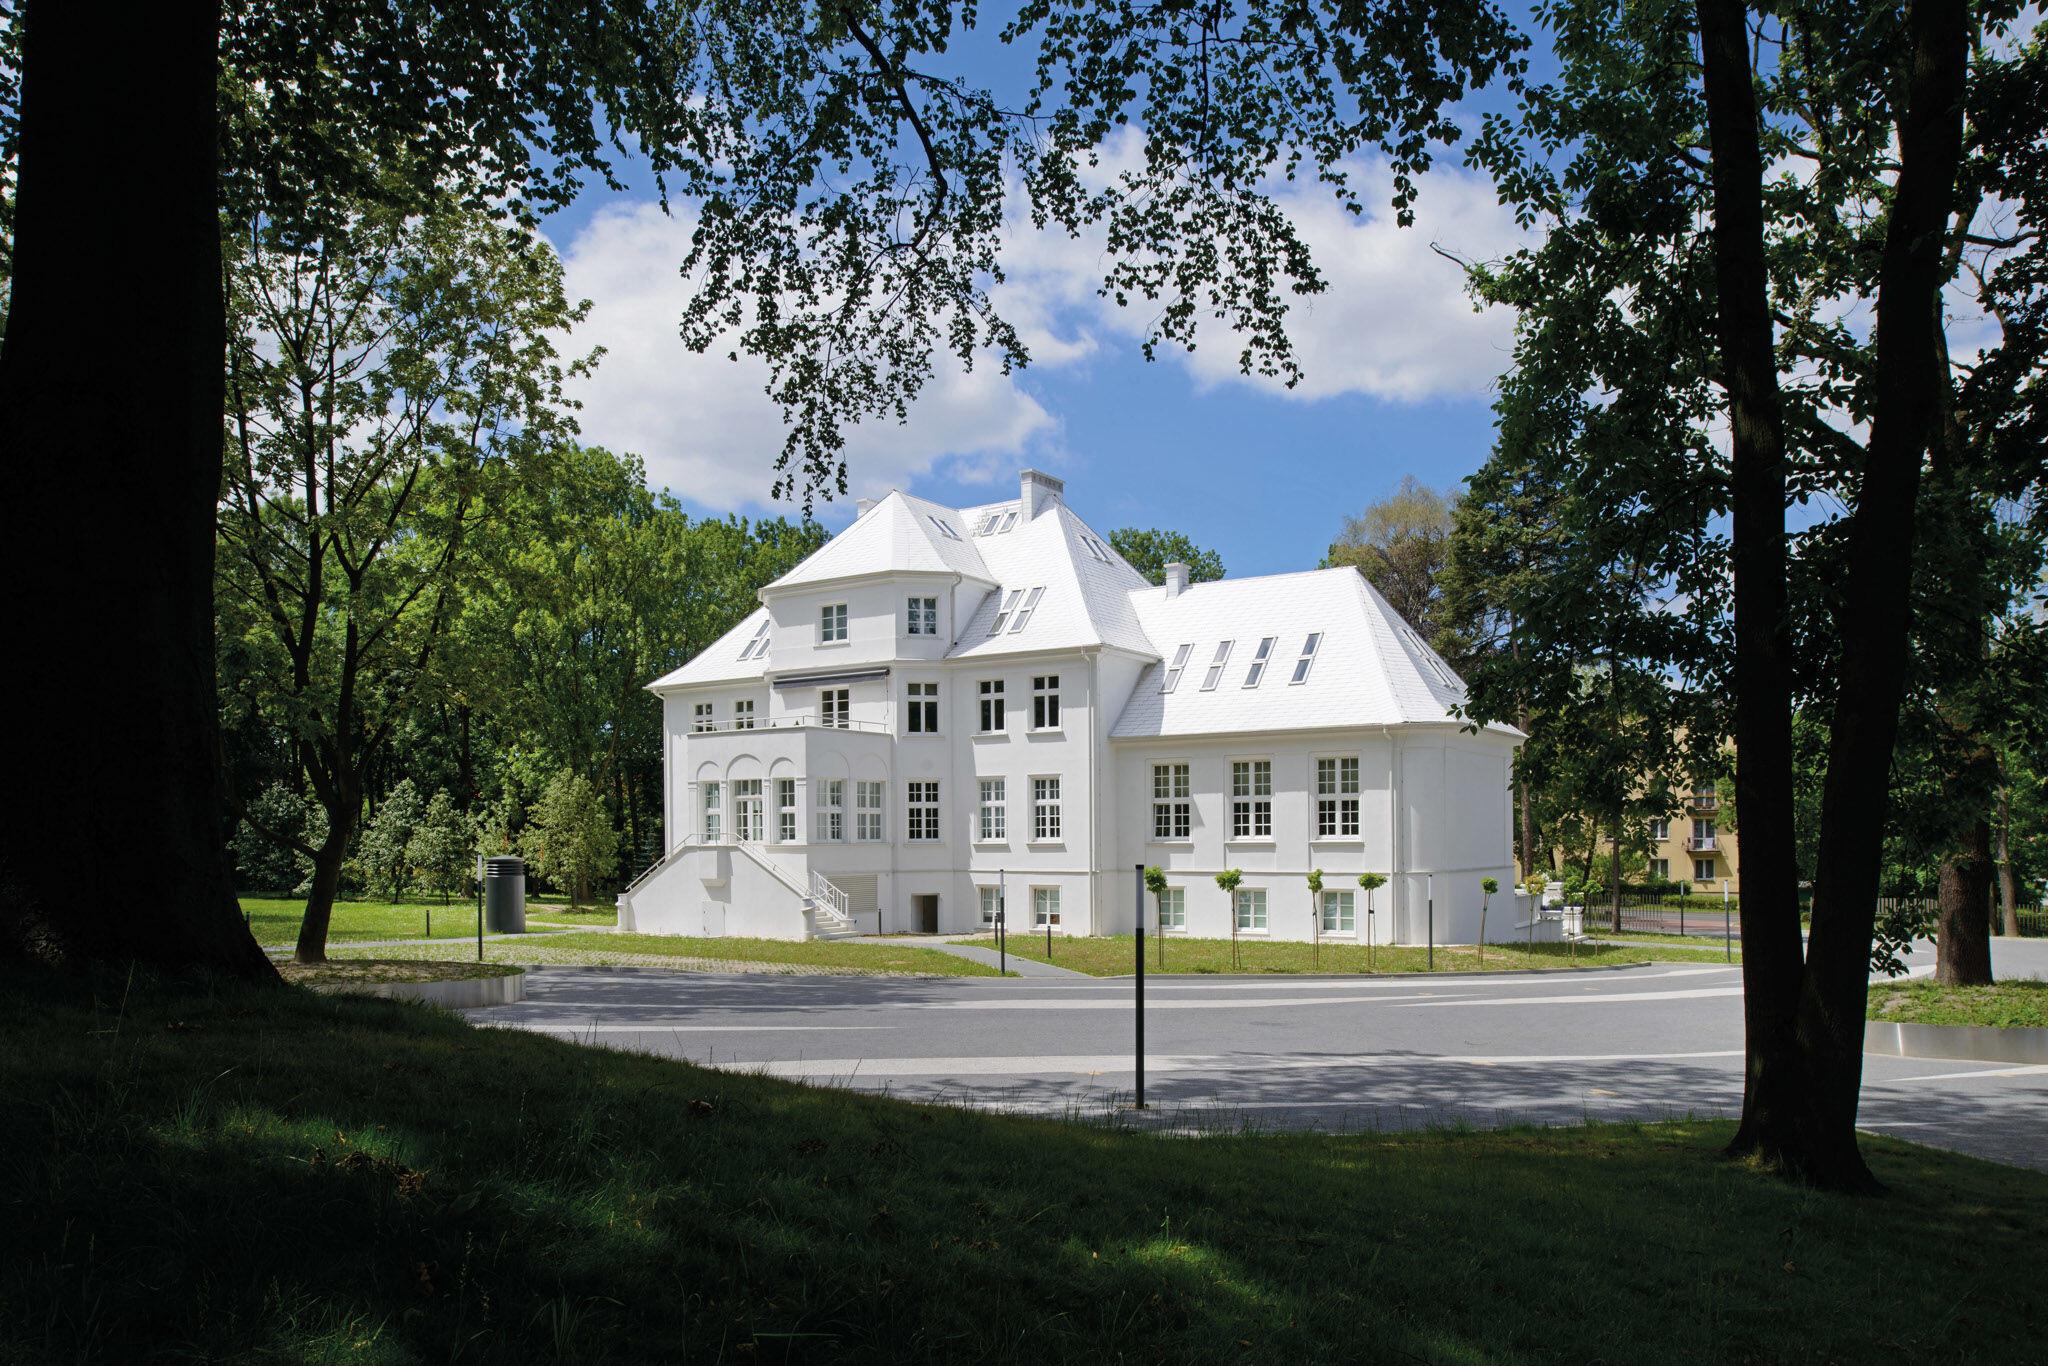 Neumann's Villa